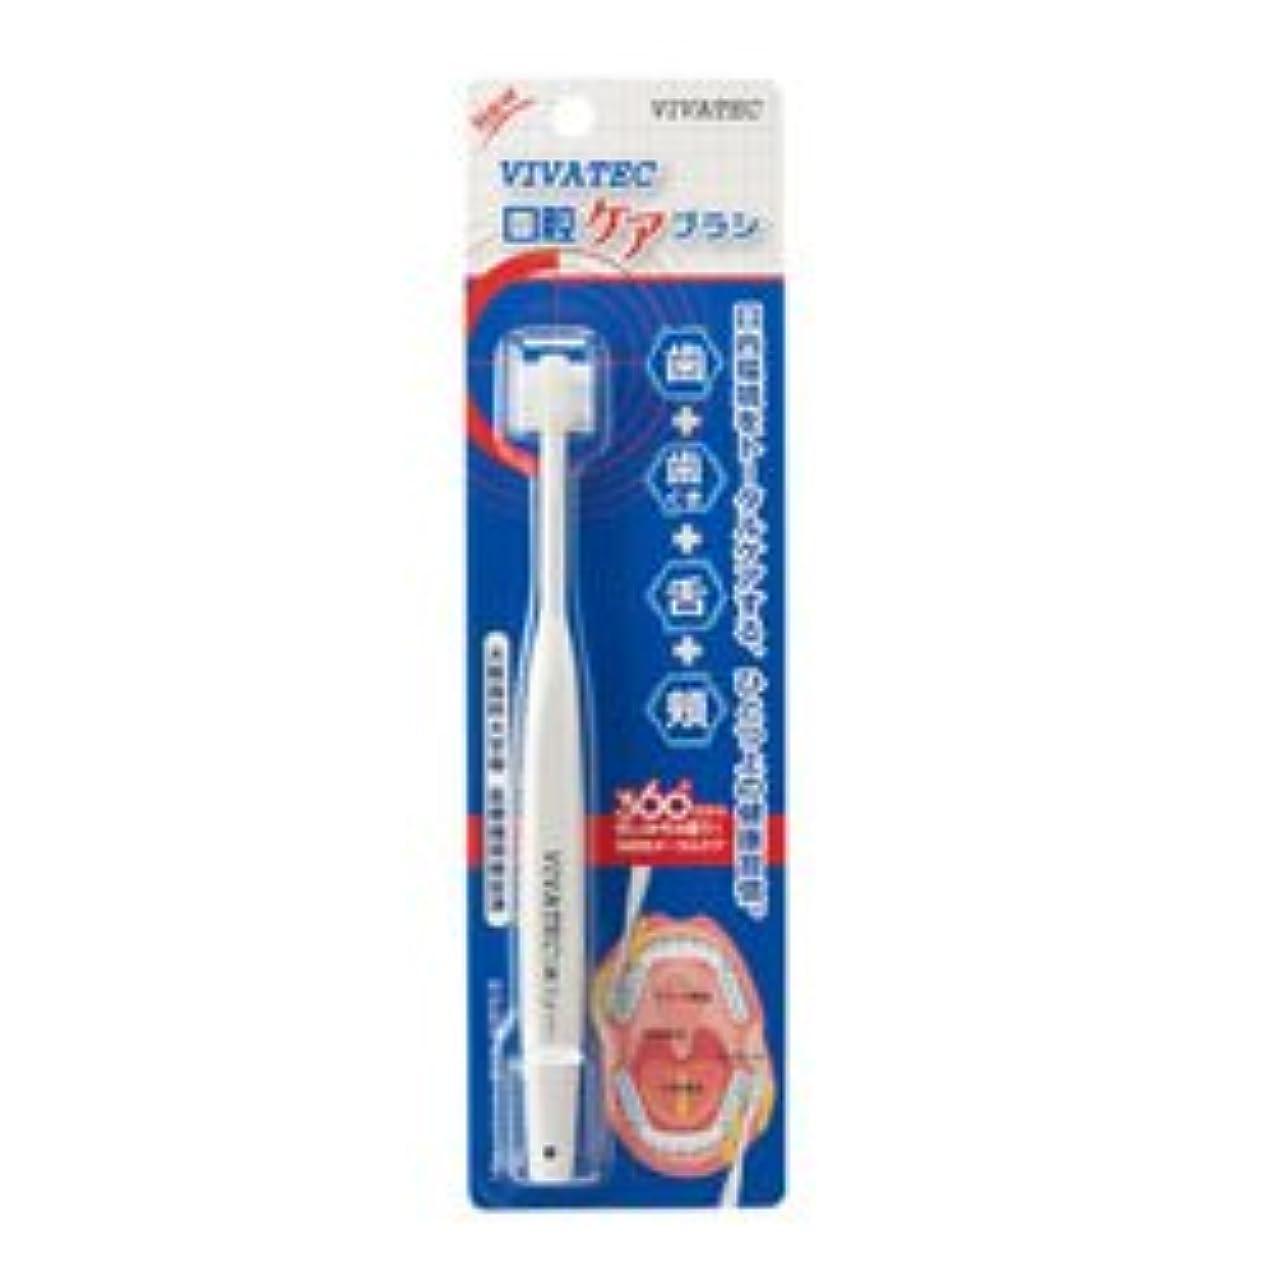 レビュアー伝染性の買う【ビバテック】VIVATEC 口腔ケアブラシ ×10個セット